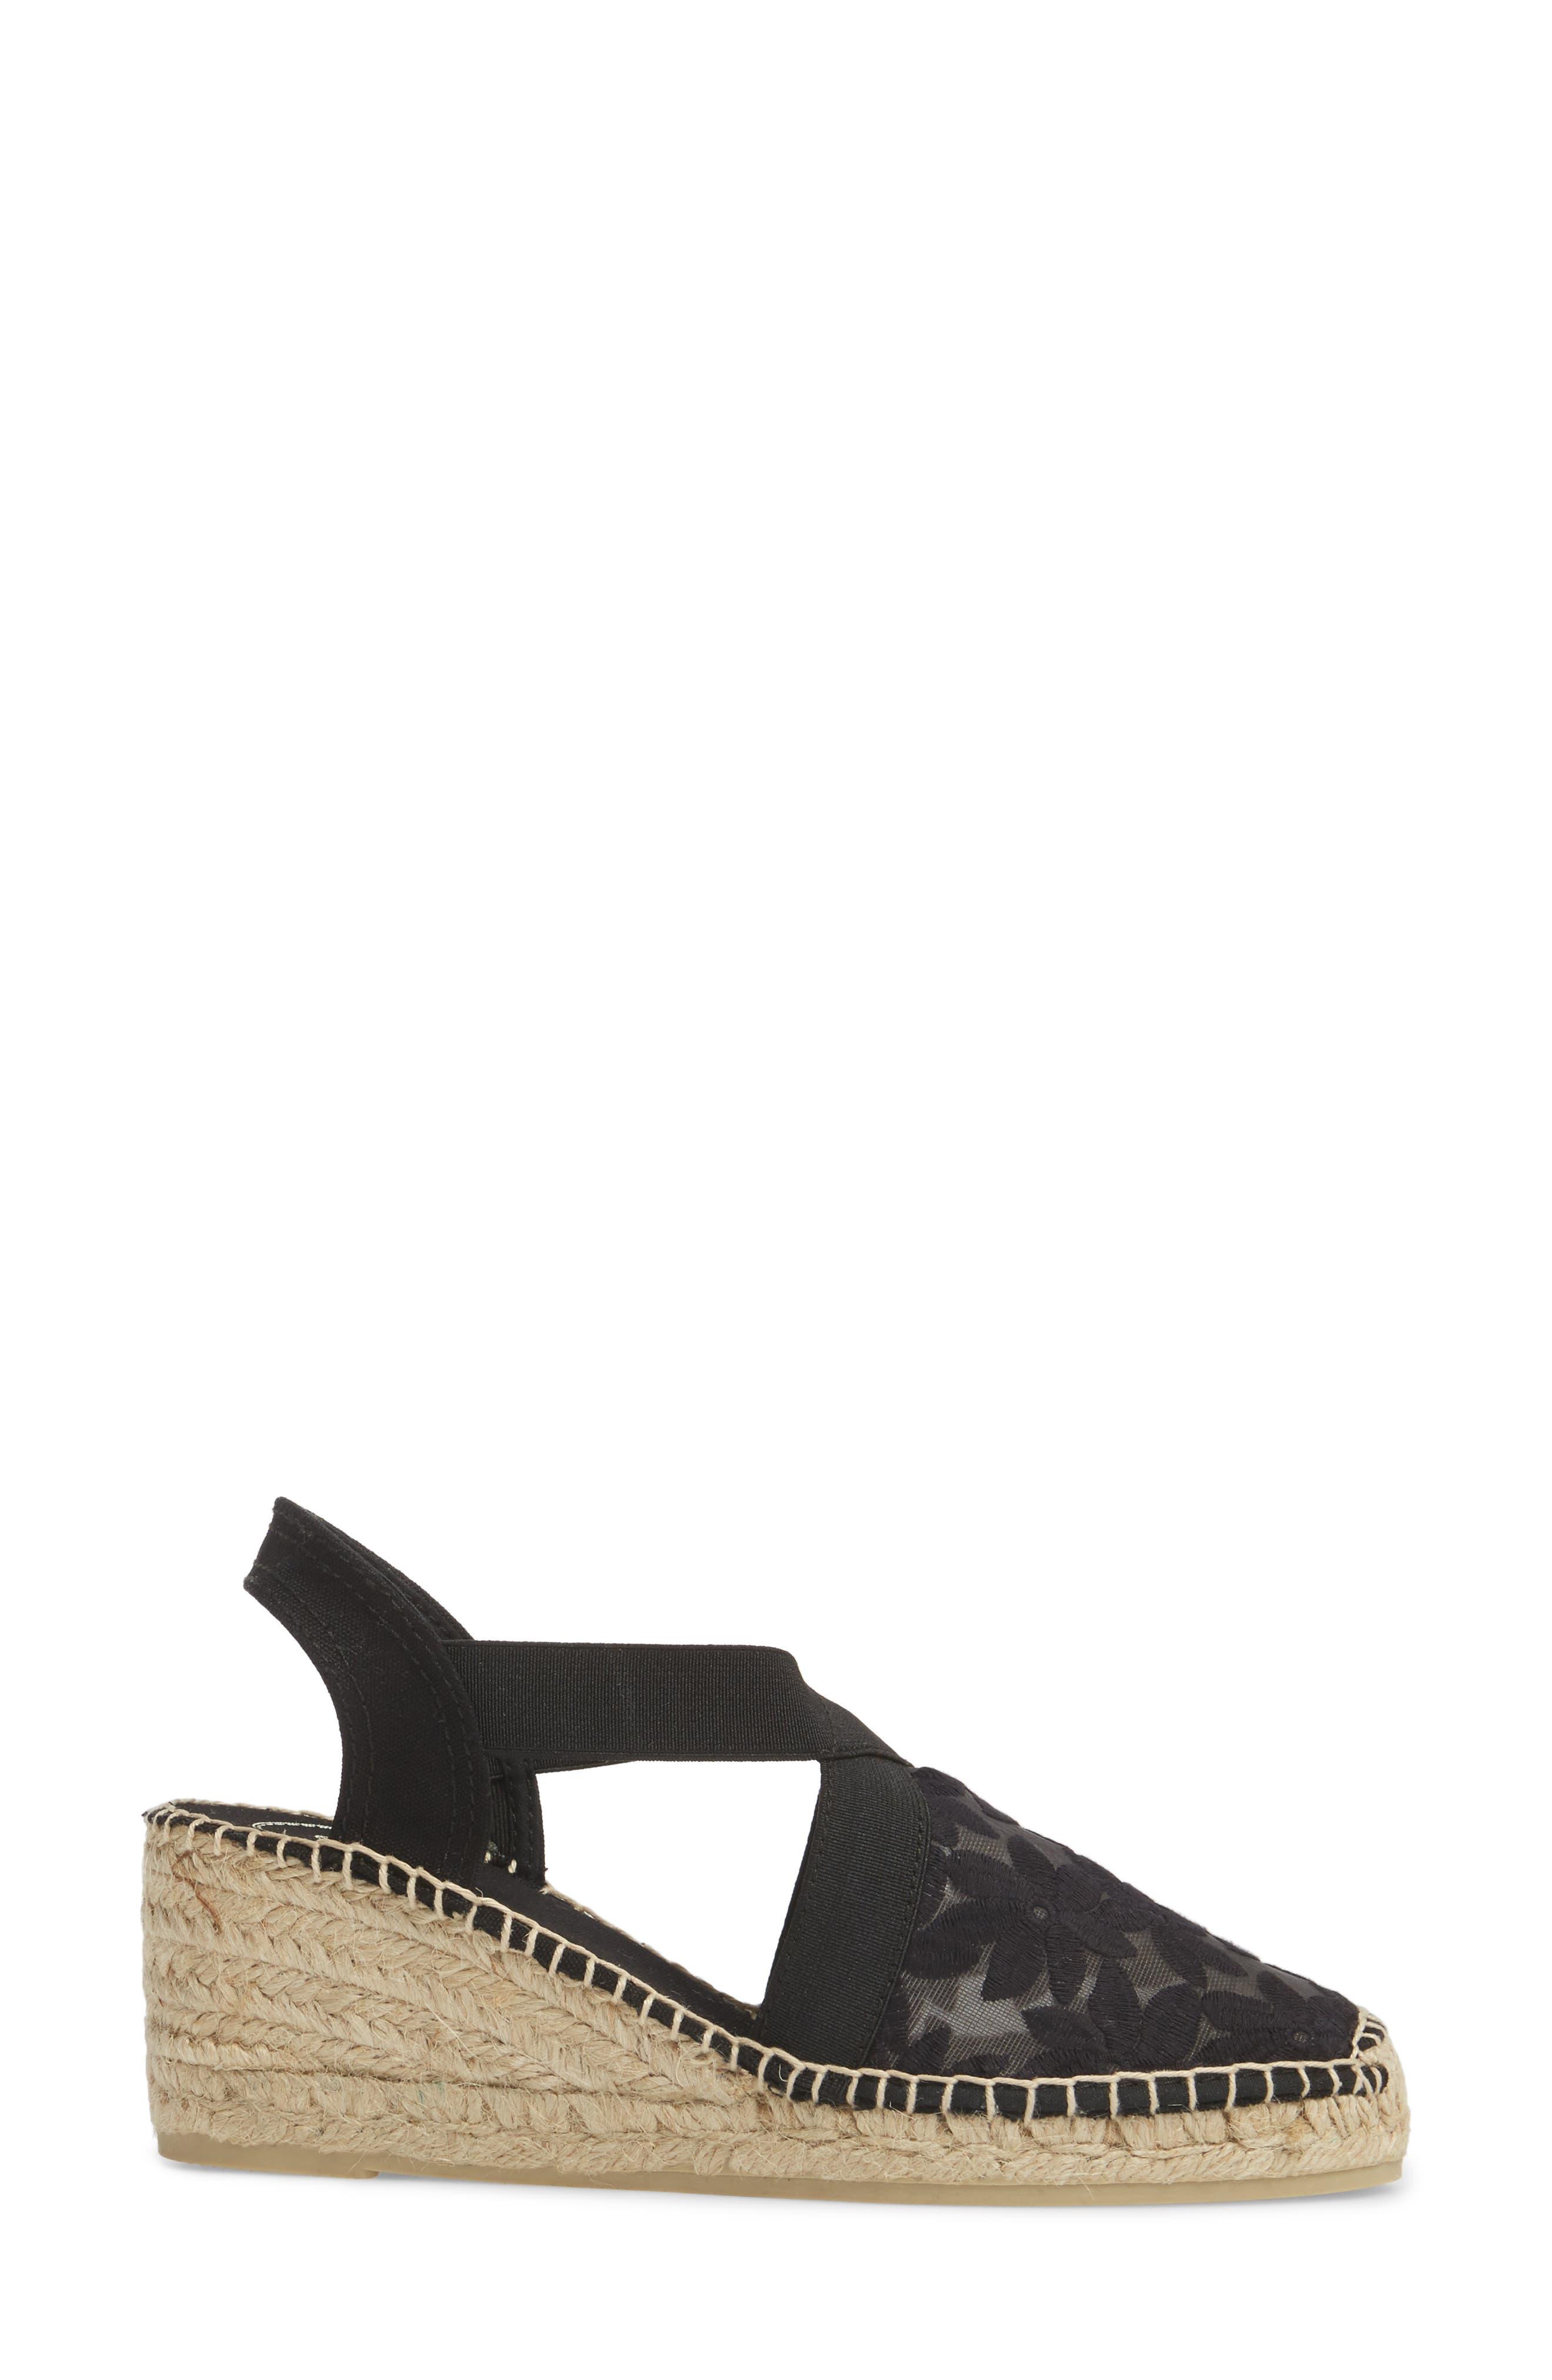 TONI PONS, Terra Espadrille Wedge Sandal, Alternate thumbnail 3, color, BLACK FABRIC